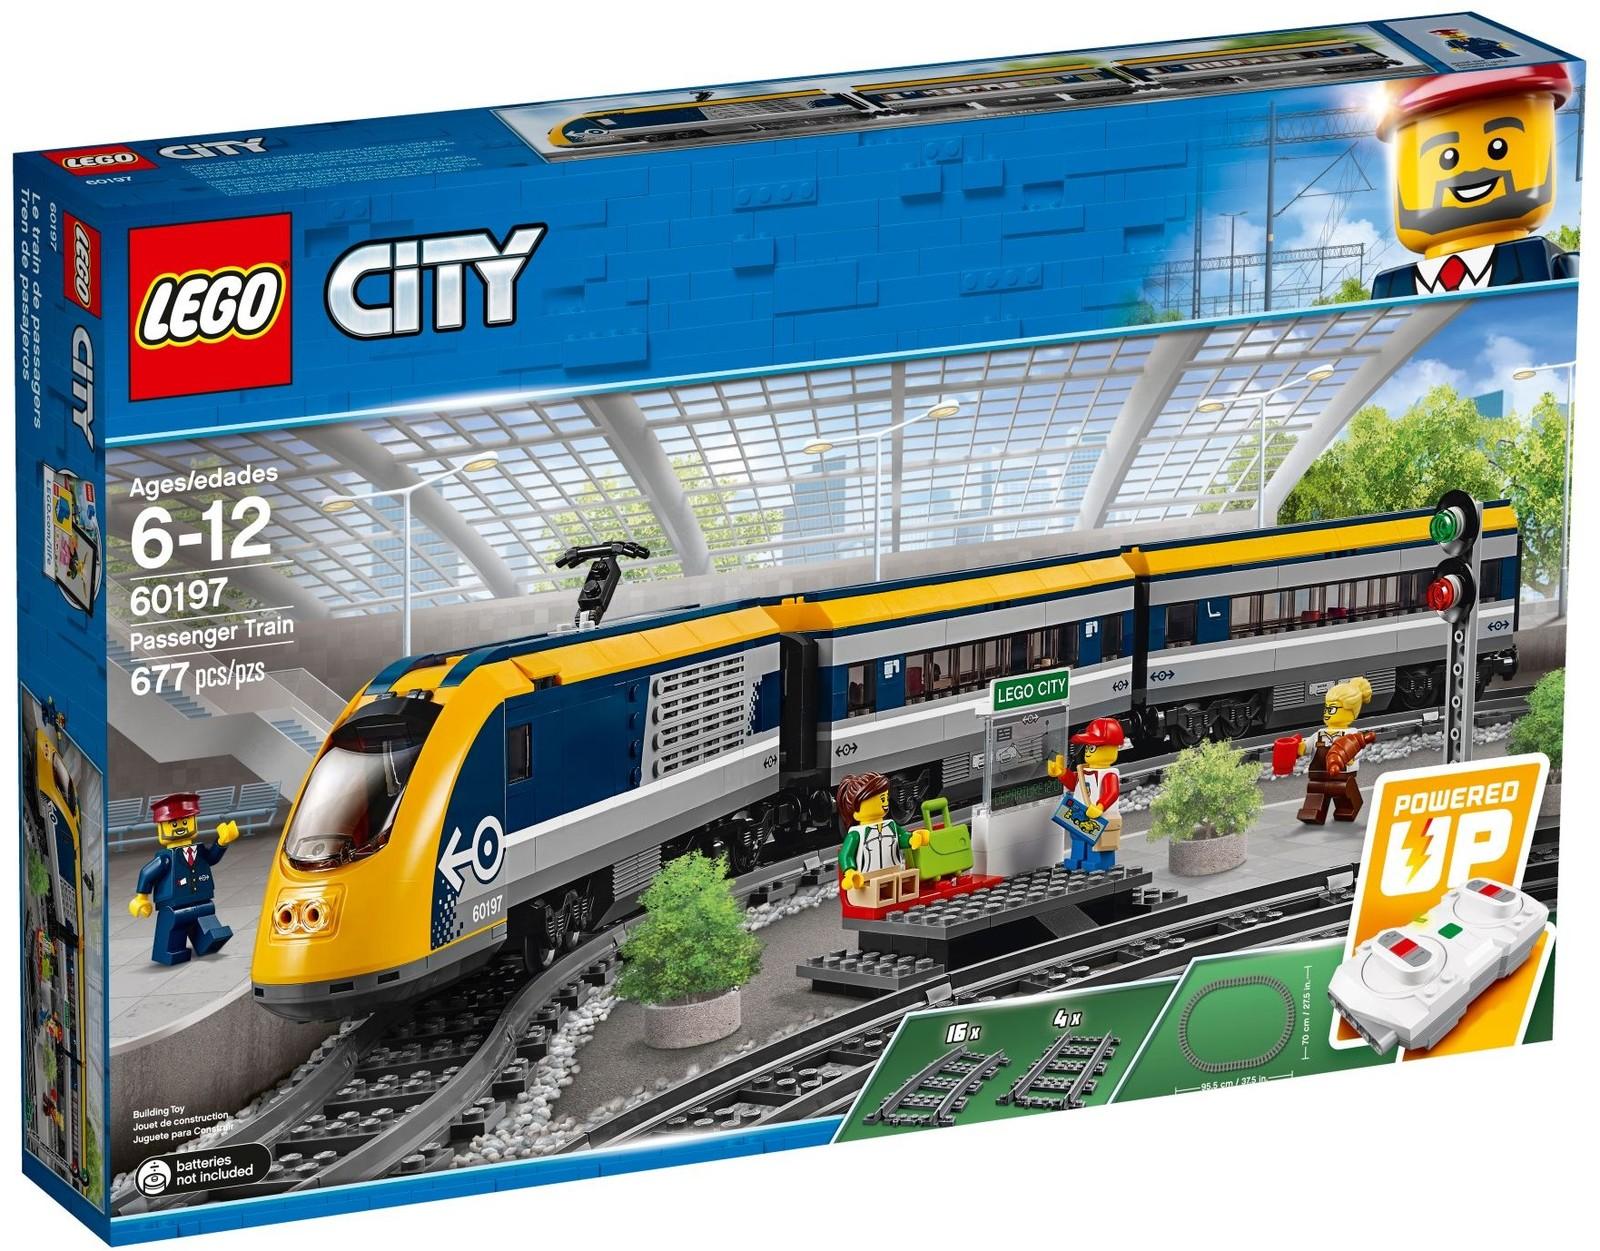 LEGO City - Passenger Train (60197) image